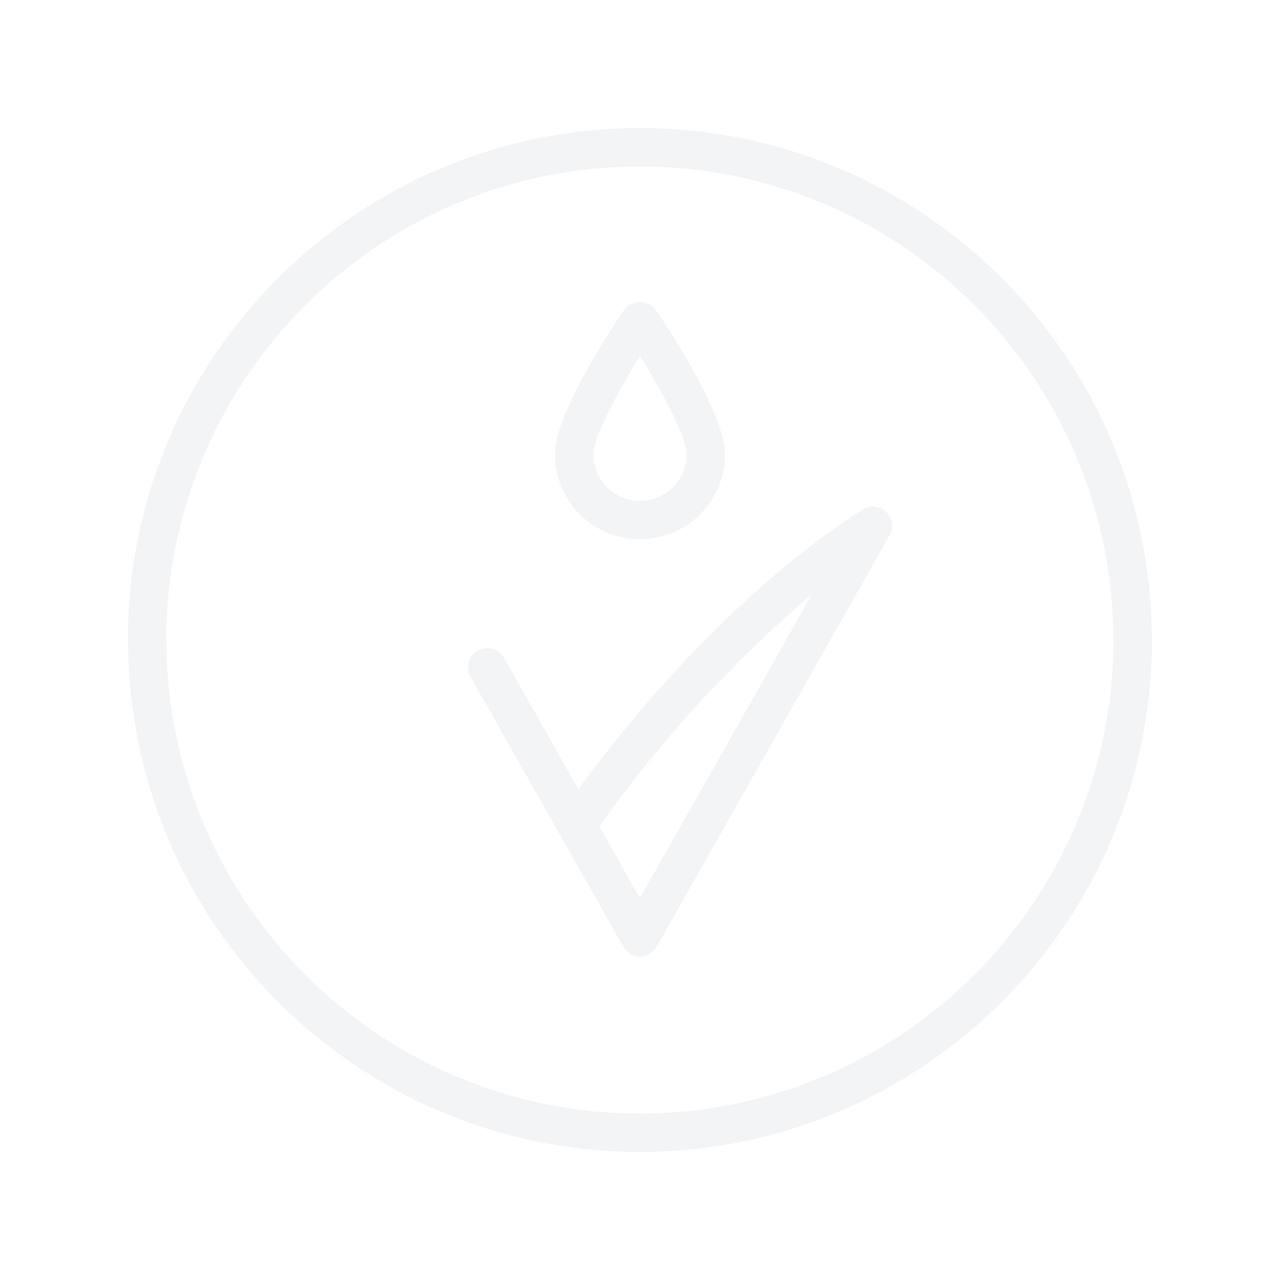 MAYBELLINE Color Sensational Loaded Bolds Lipstick 3.9g